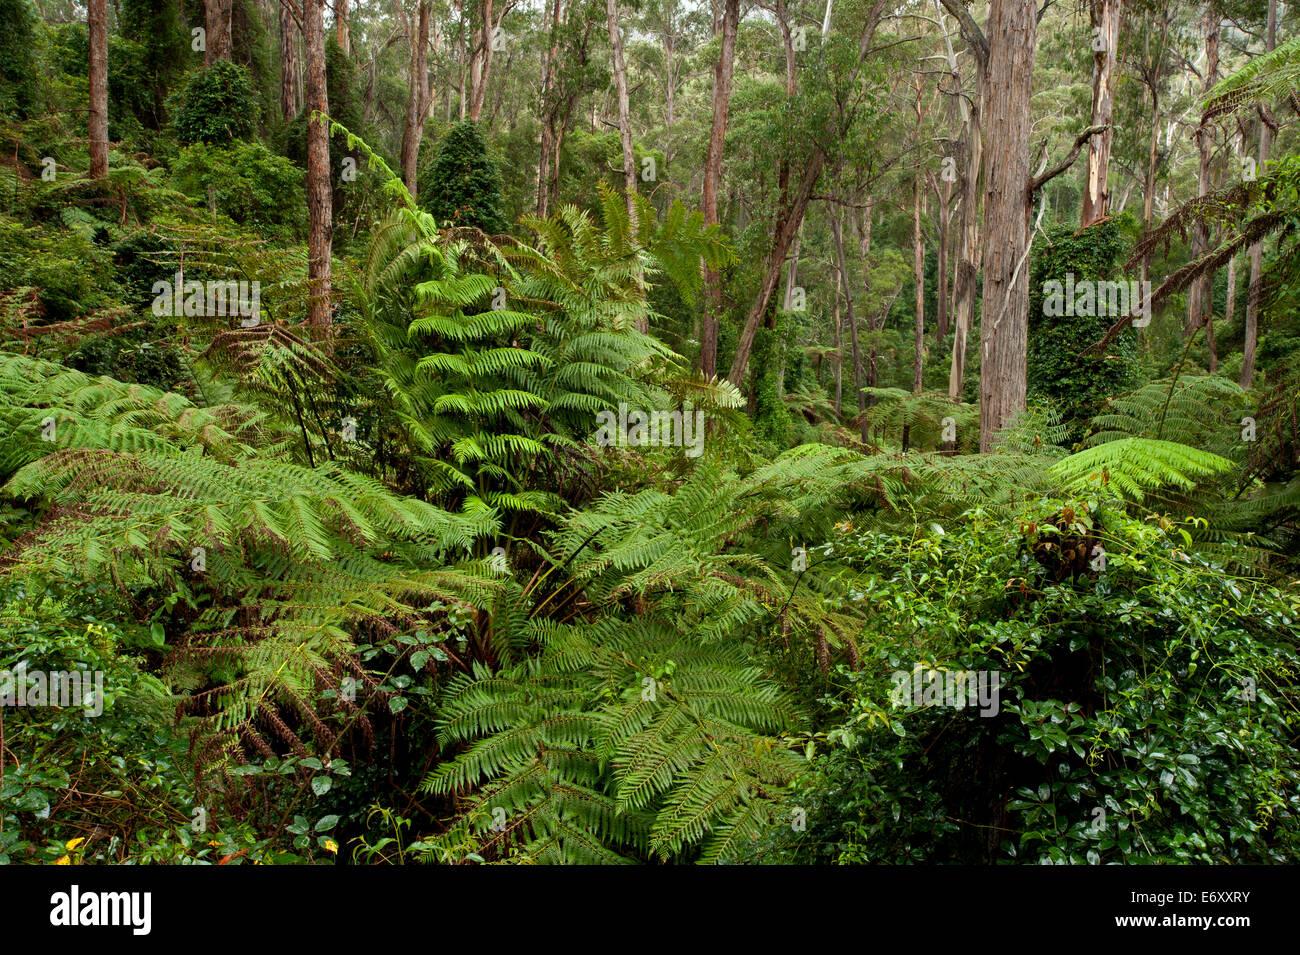 Üppige Wälder in Martins Creek Reserve, East Gippsland, Victoria, Australien Stockbild